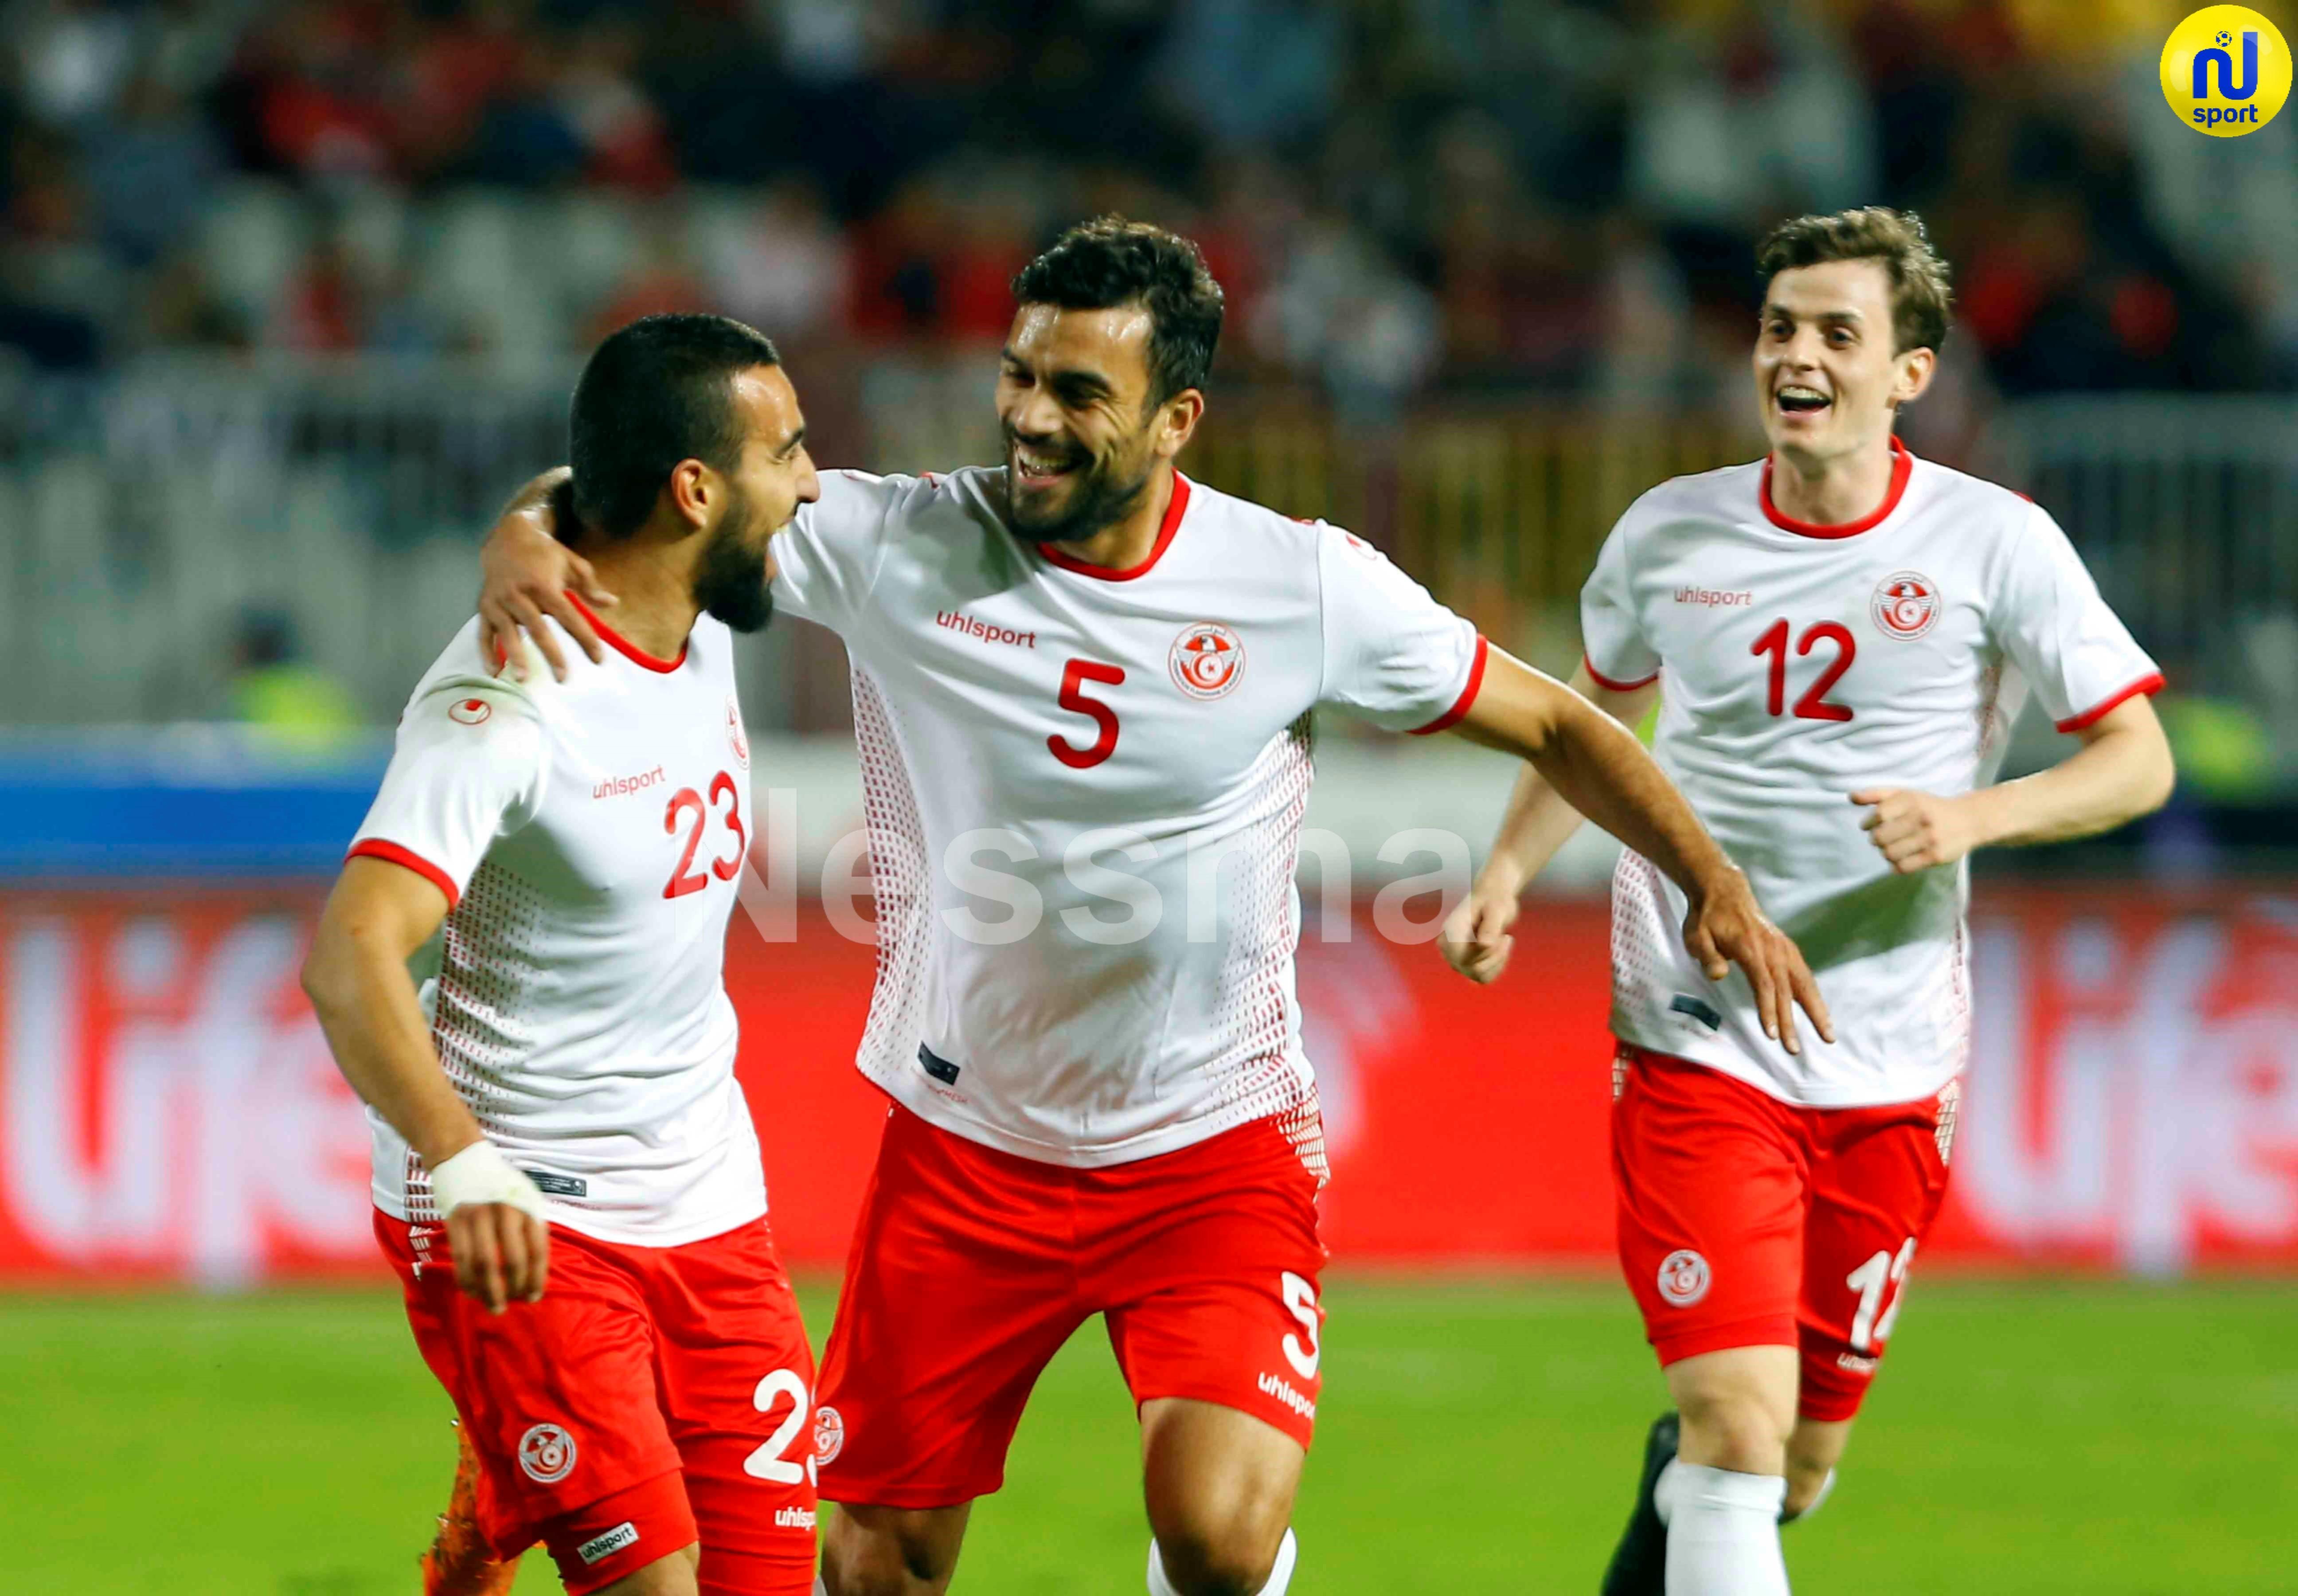 صور الشوط  الأول  لمباراة المنتخب الوطني التونسي و المنتخب المصري